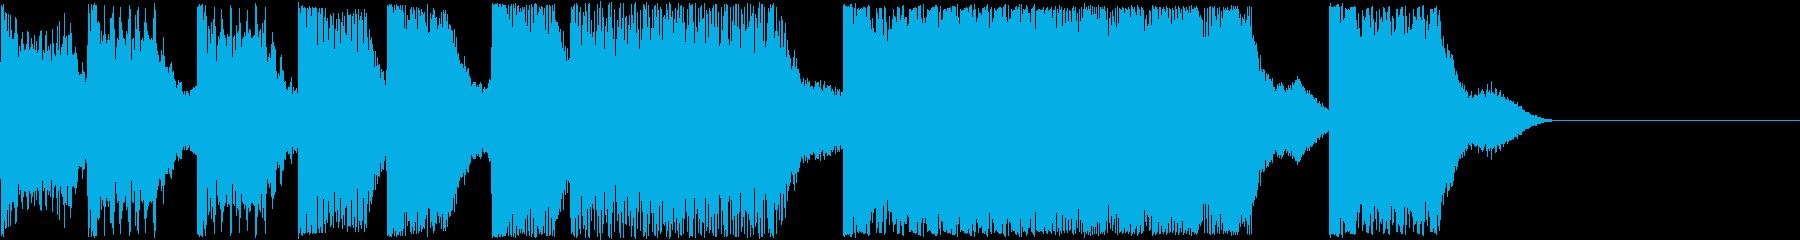 AI メカ/ロボ/マシン動作音 15の再生済みの波形